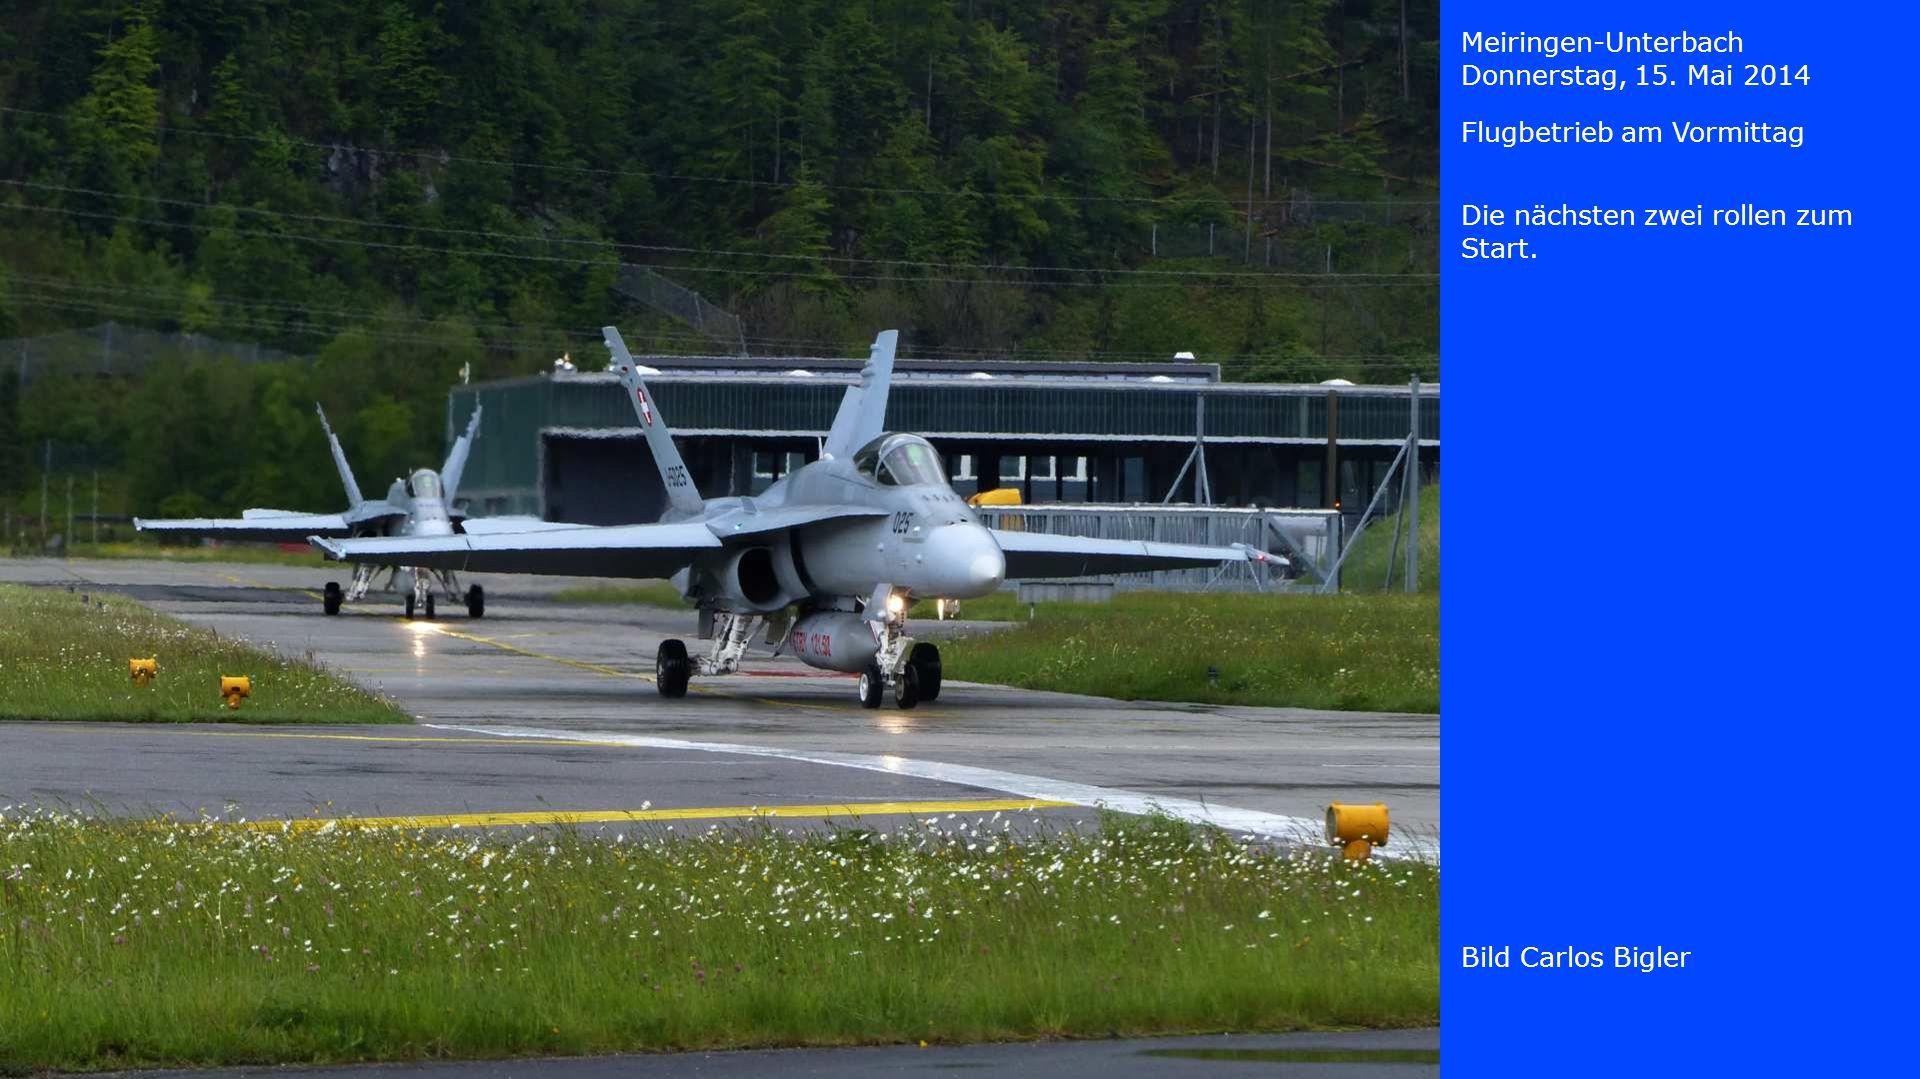 Meiringen-Unterbach Donnerstag, 15. Mai 2014. Flugbetrieb am Vormittag. Die nächsten zwei rollen zum Start.